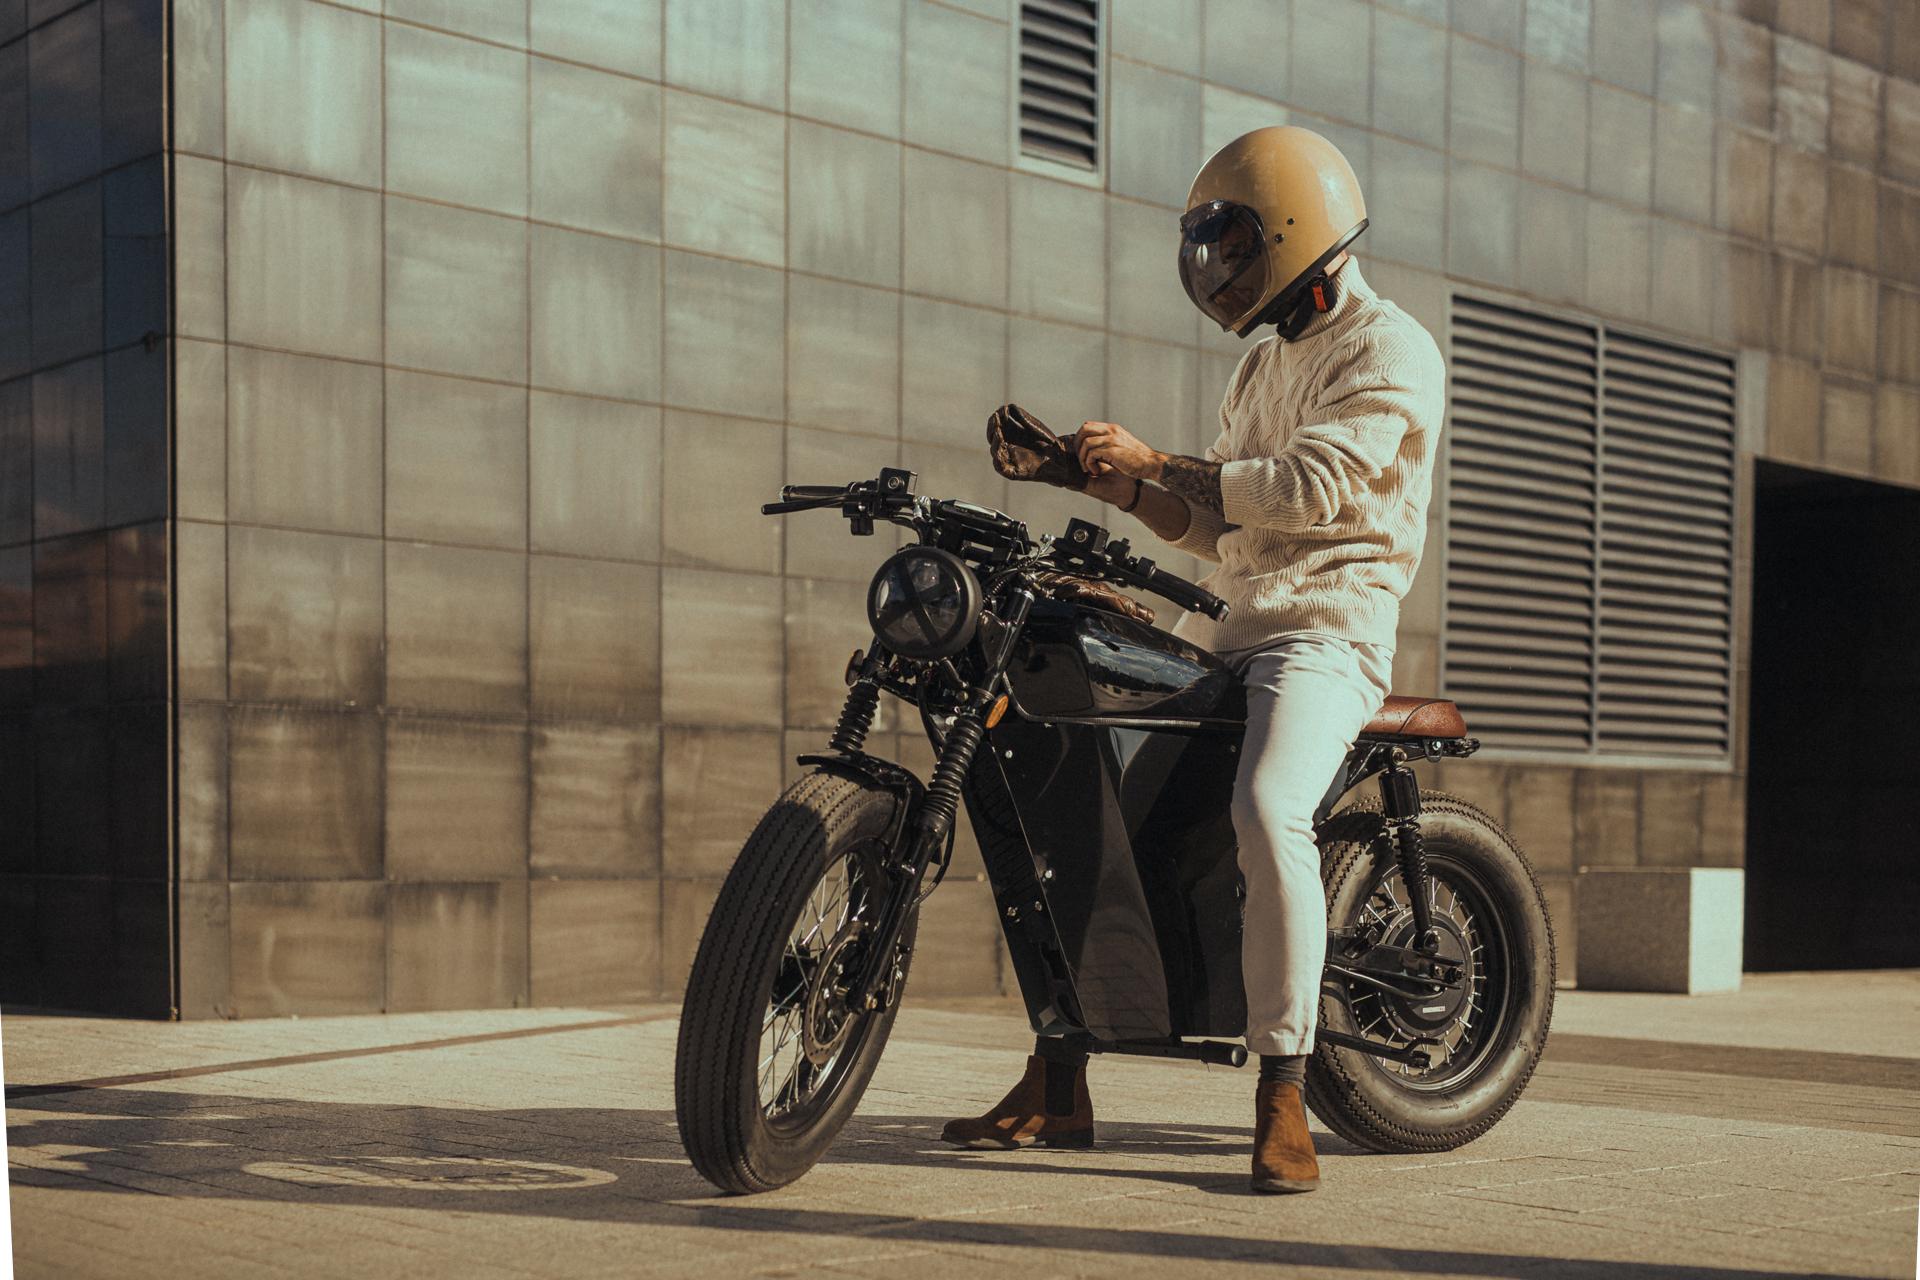 OX Motorcycles, startup española fabricante de motos eléctricas de estilo icónico, ha cerrado una ronda de 300K€